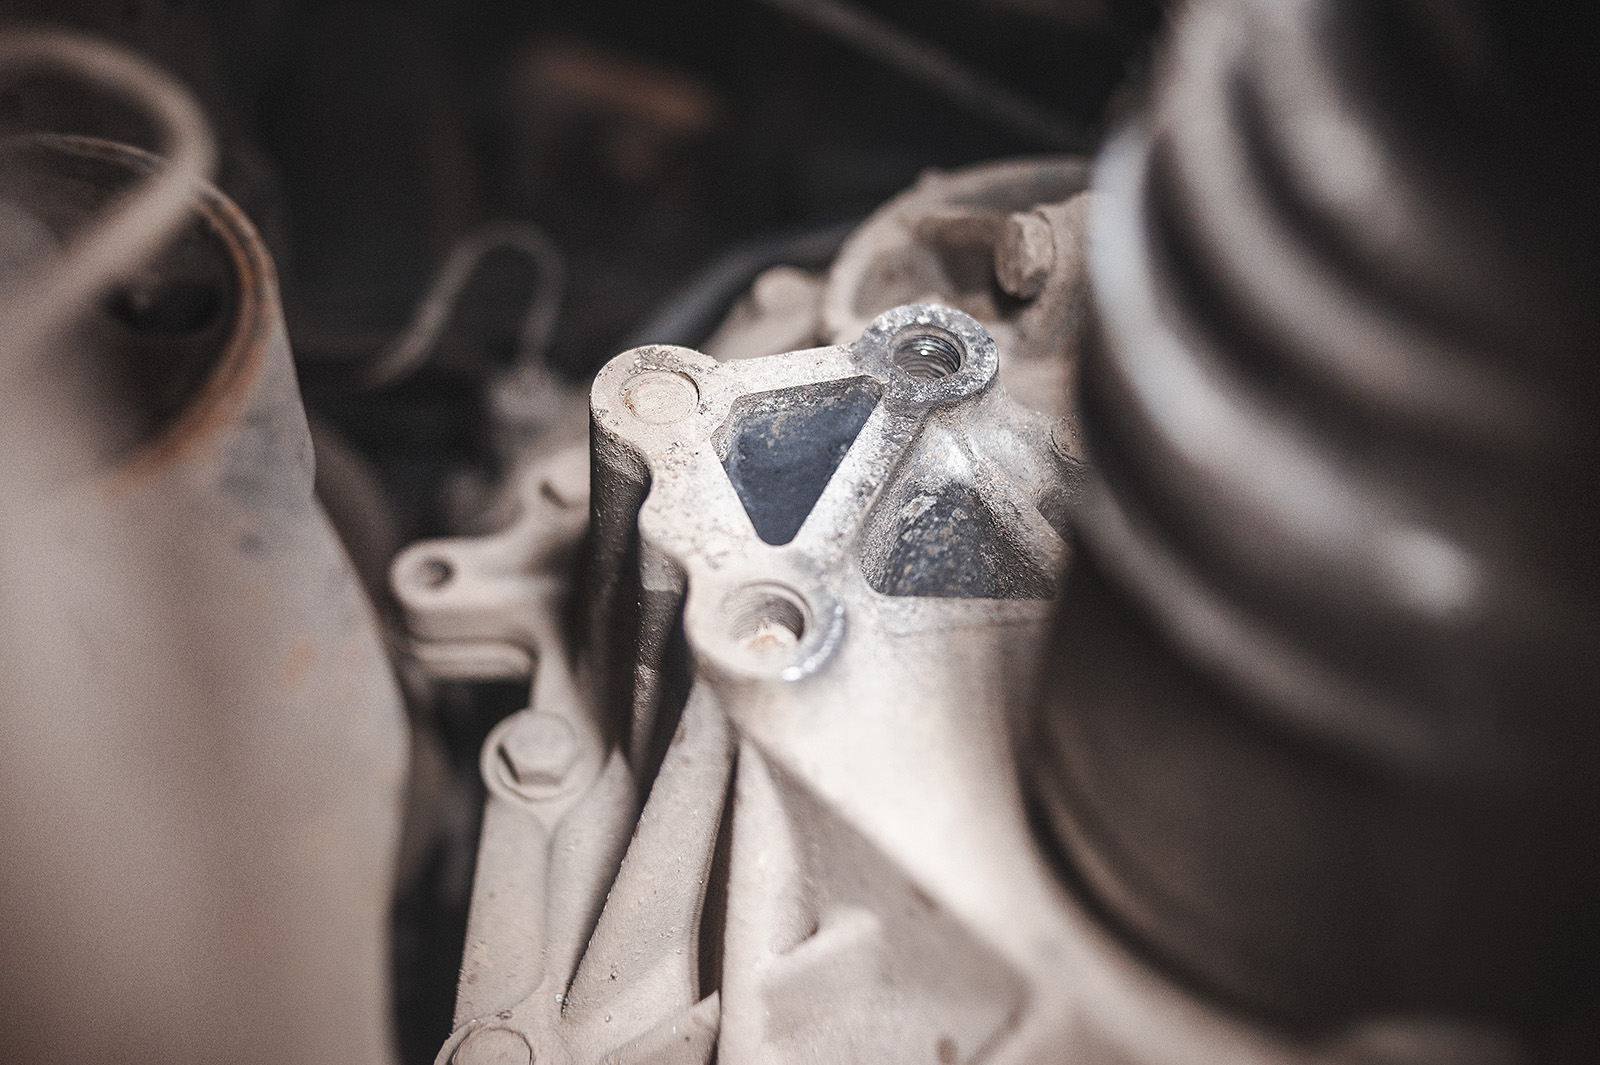 Из трёх болтов два сломаны внутри корпуса вариатора